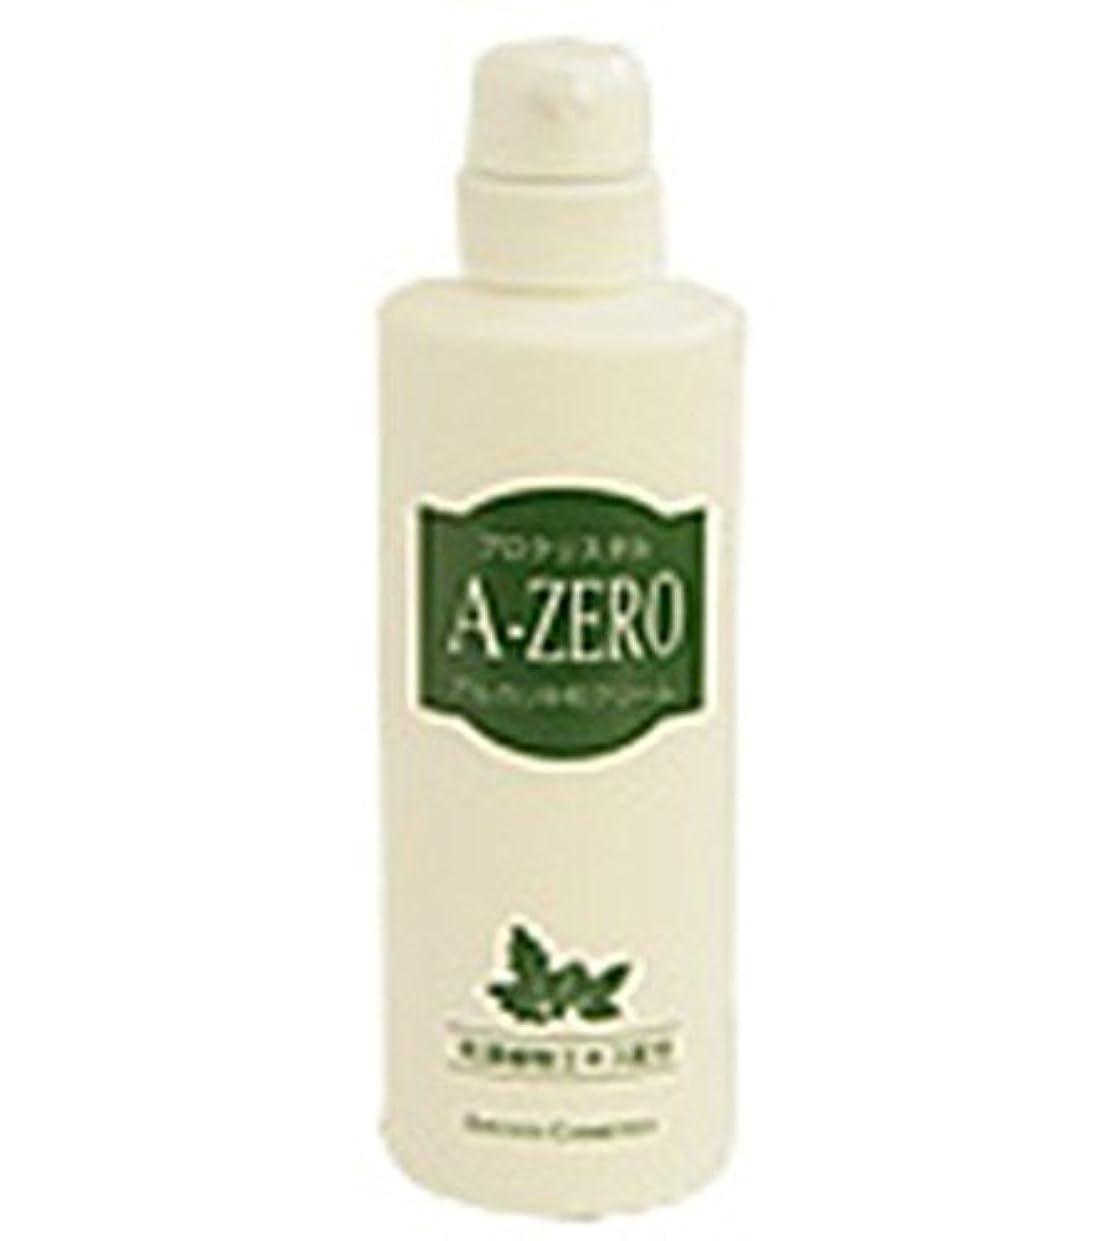 栄養ラビリンス放射性アペティート化粧品 プロクリスタル A-ZERO 500g